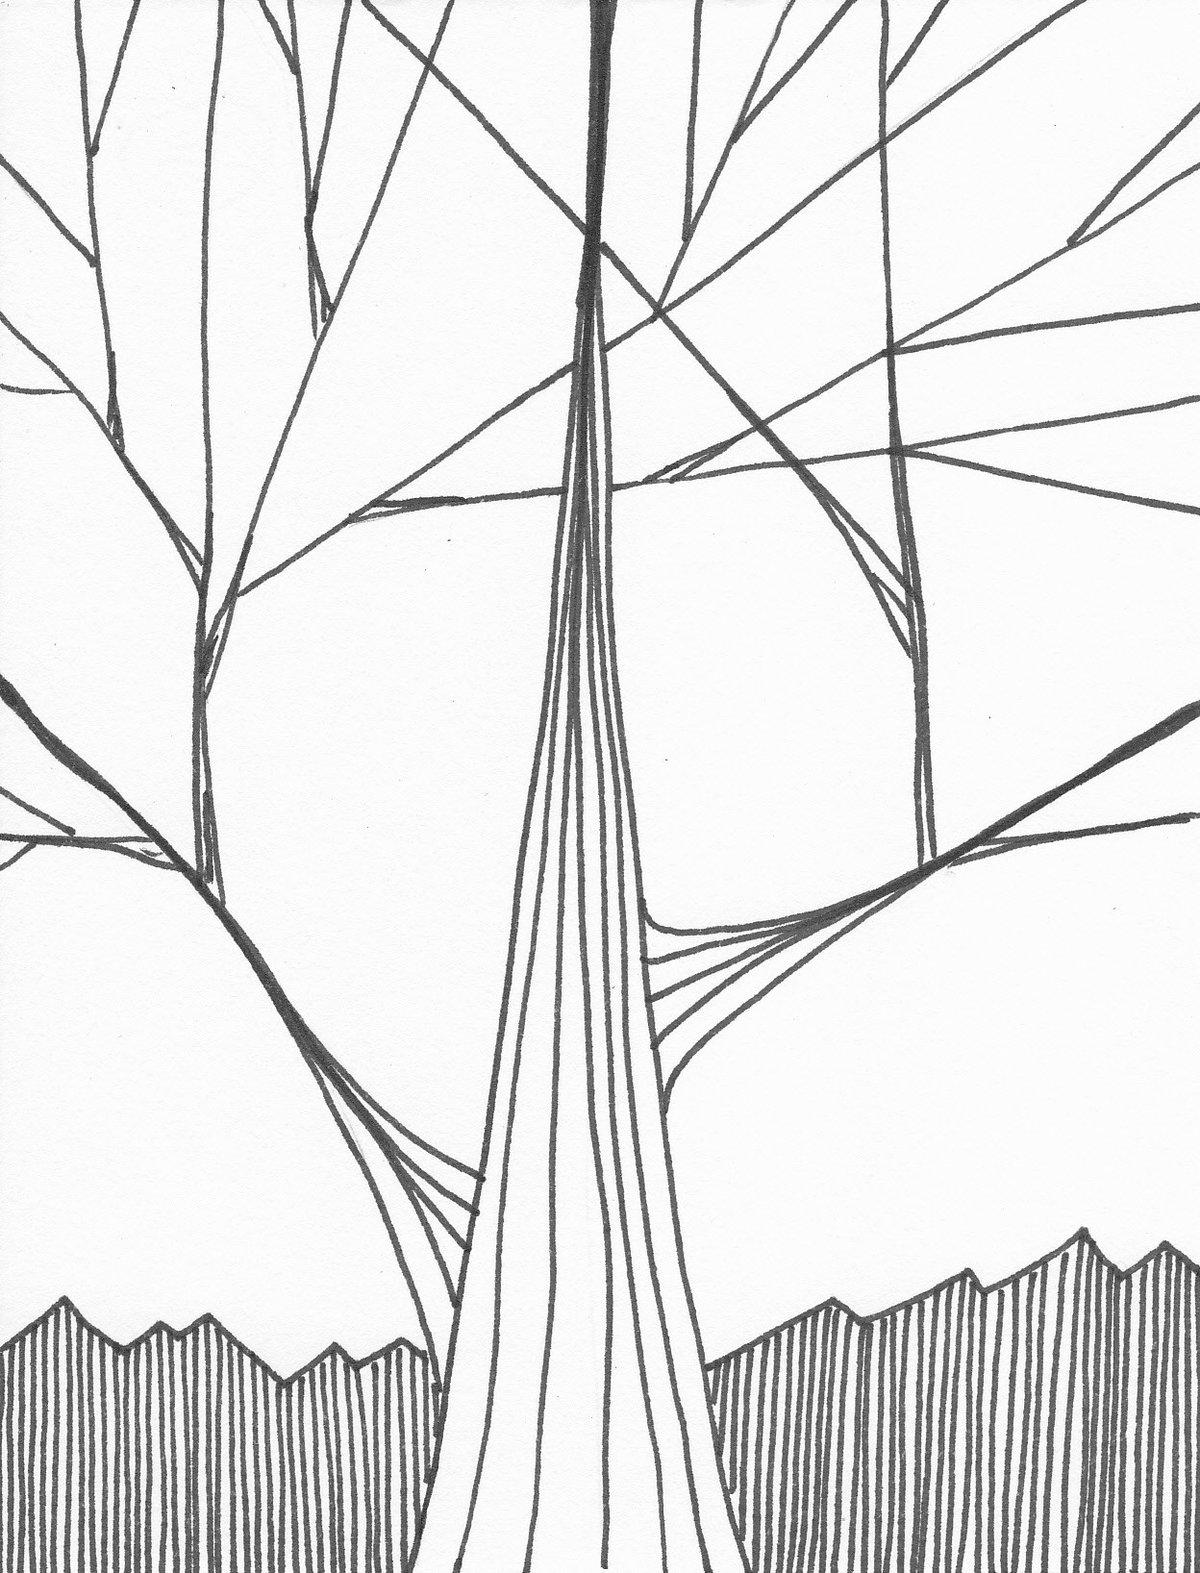 испуганный рисунки из линий карандашом толстые и тонкие потратили поездку